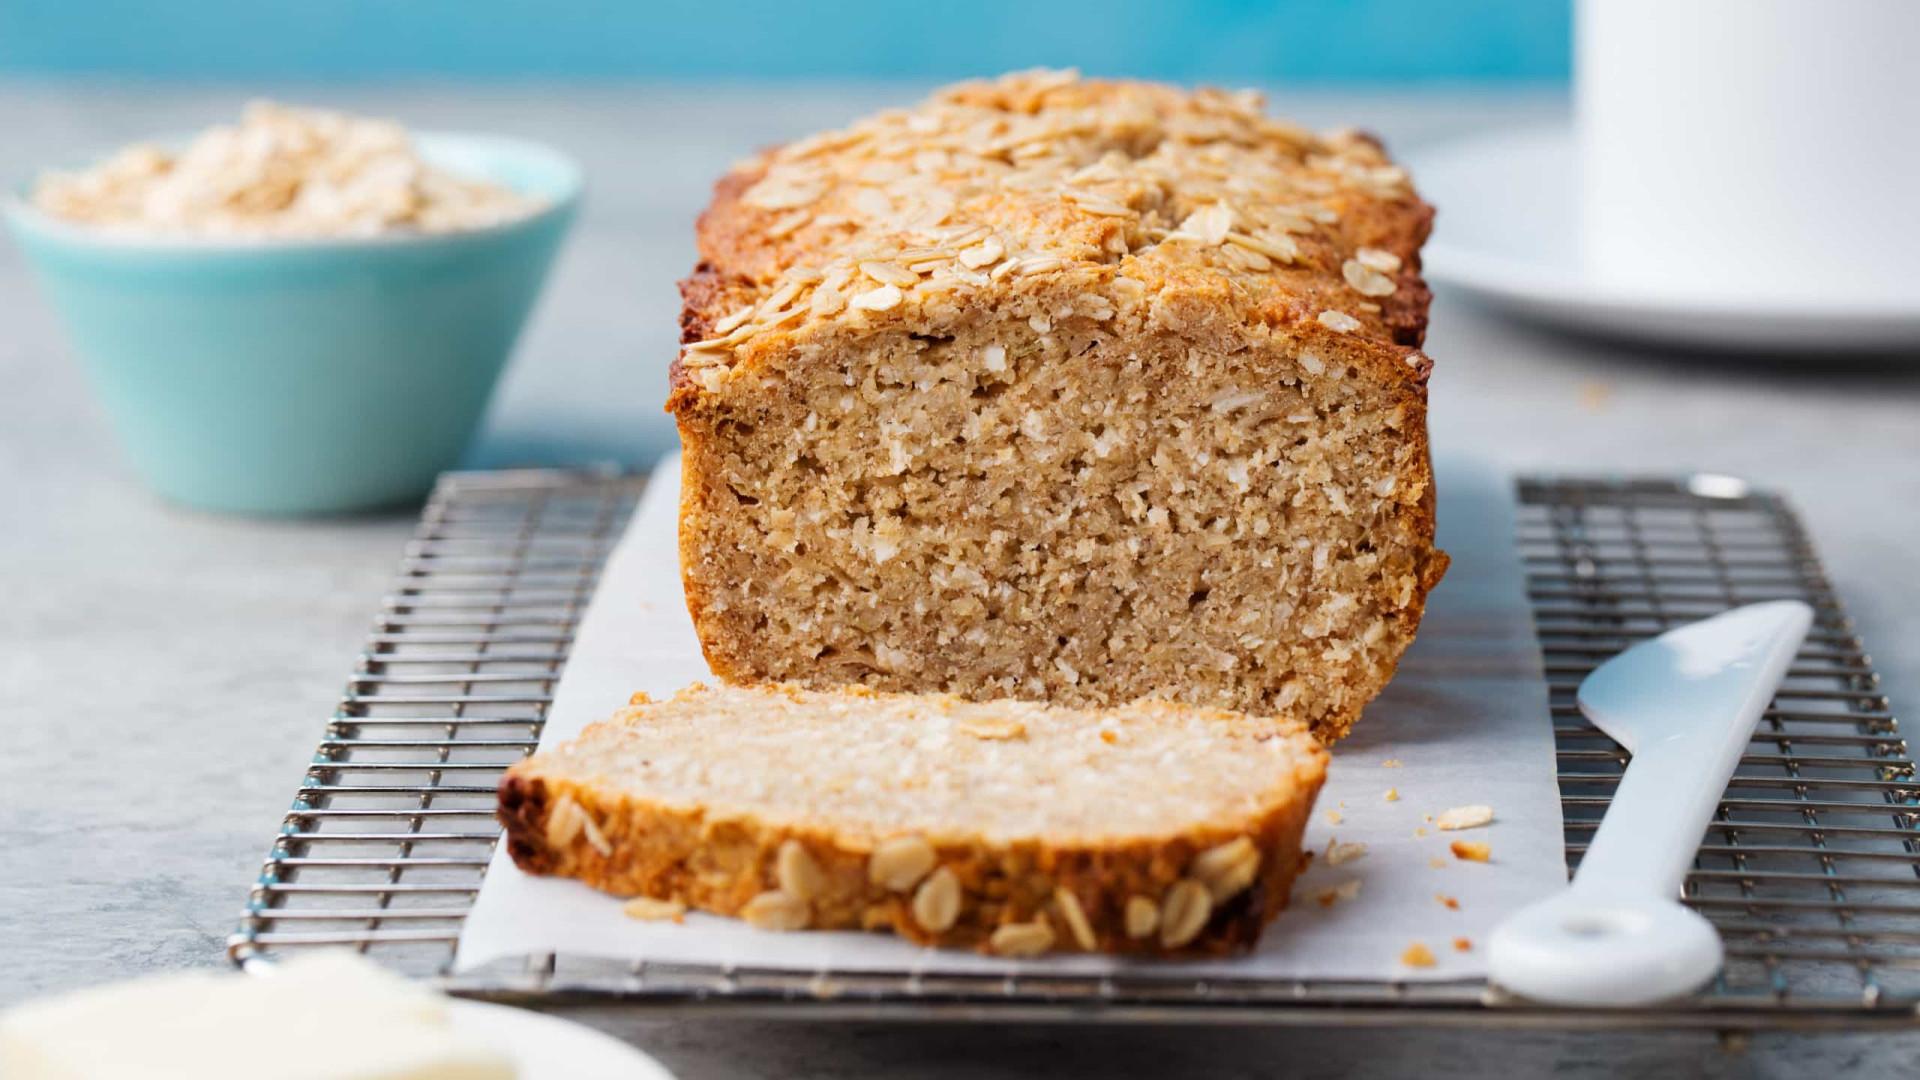 Desfaz-se na boca… receita de pão doce com cobertura de coco